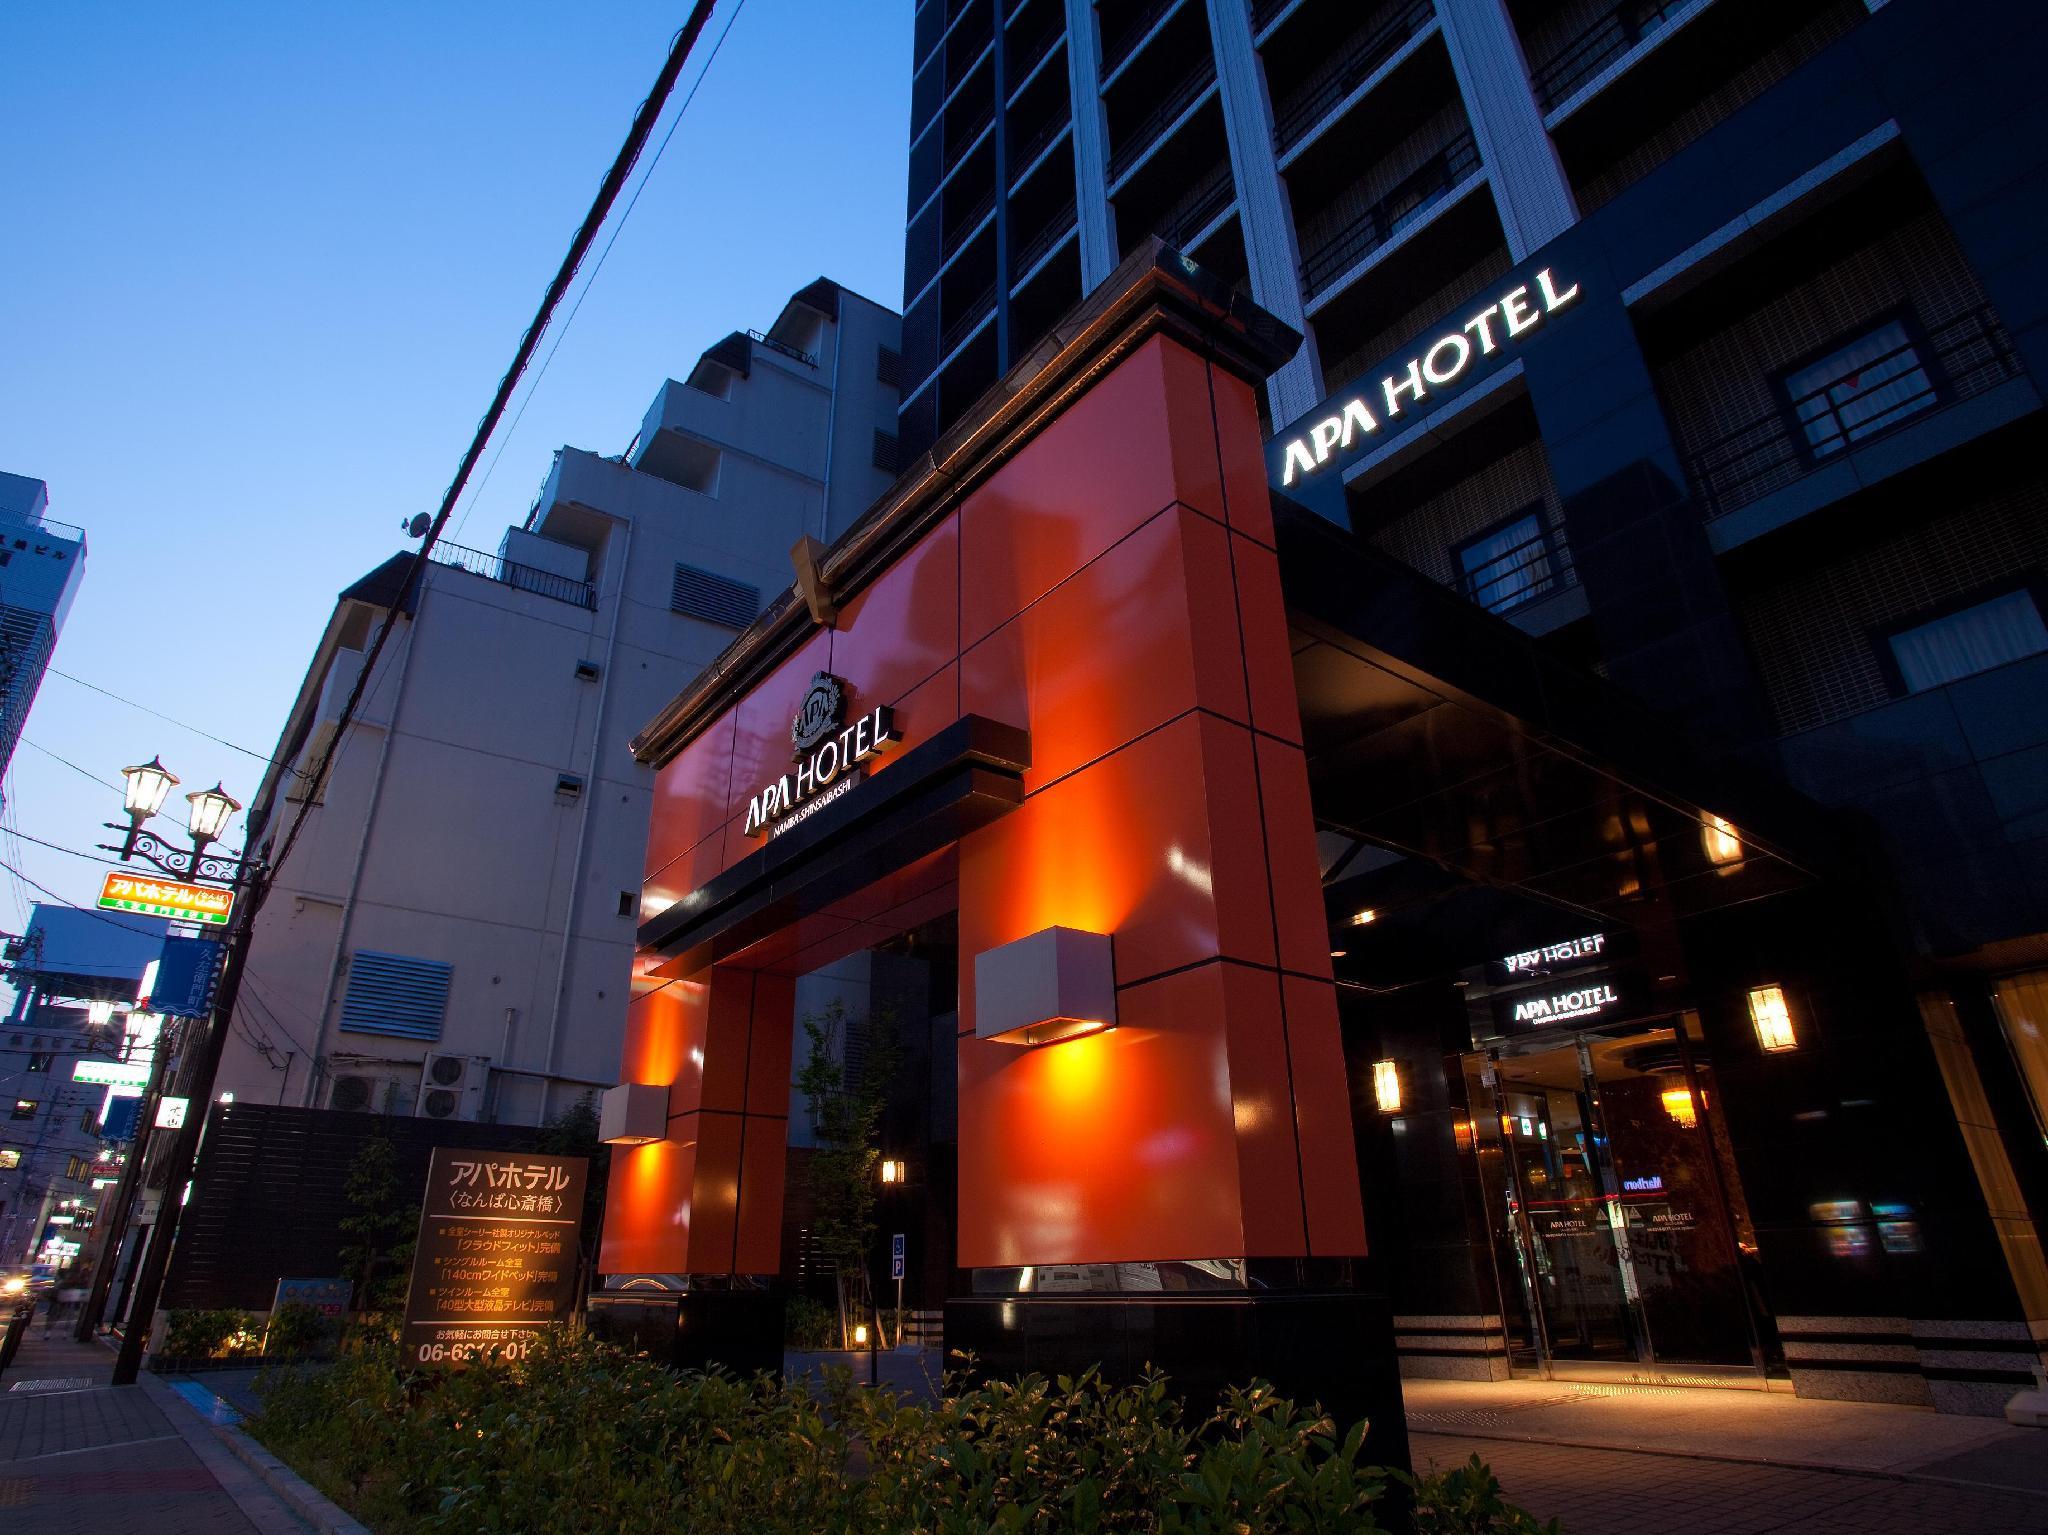 โรงแรมอะป้า นัมบะ-ชินไซบาชิ